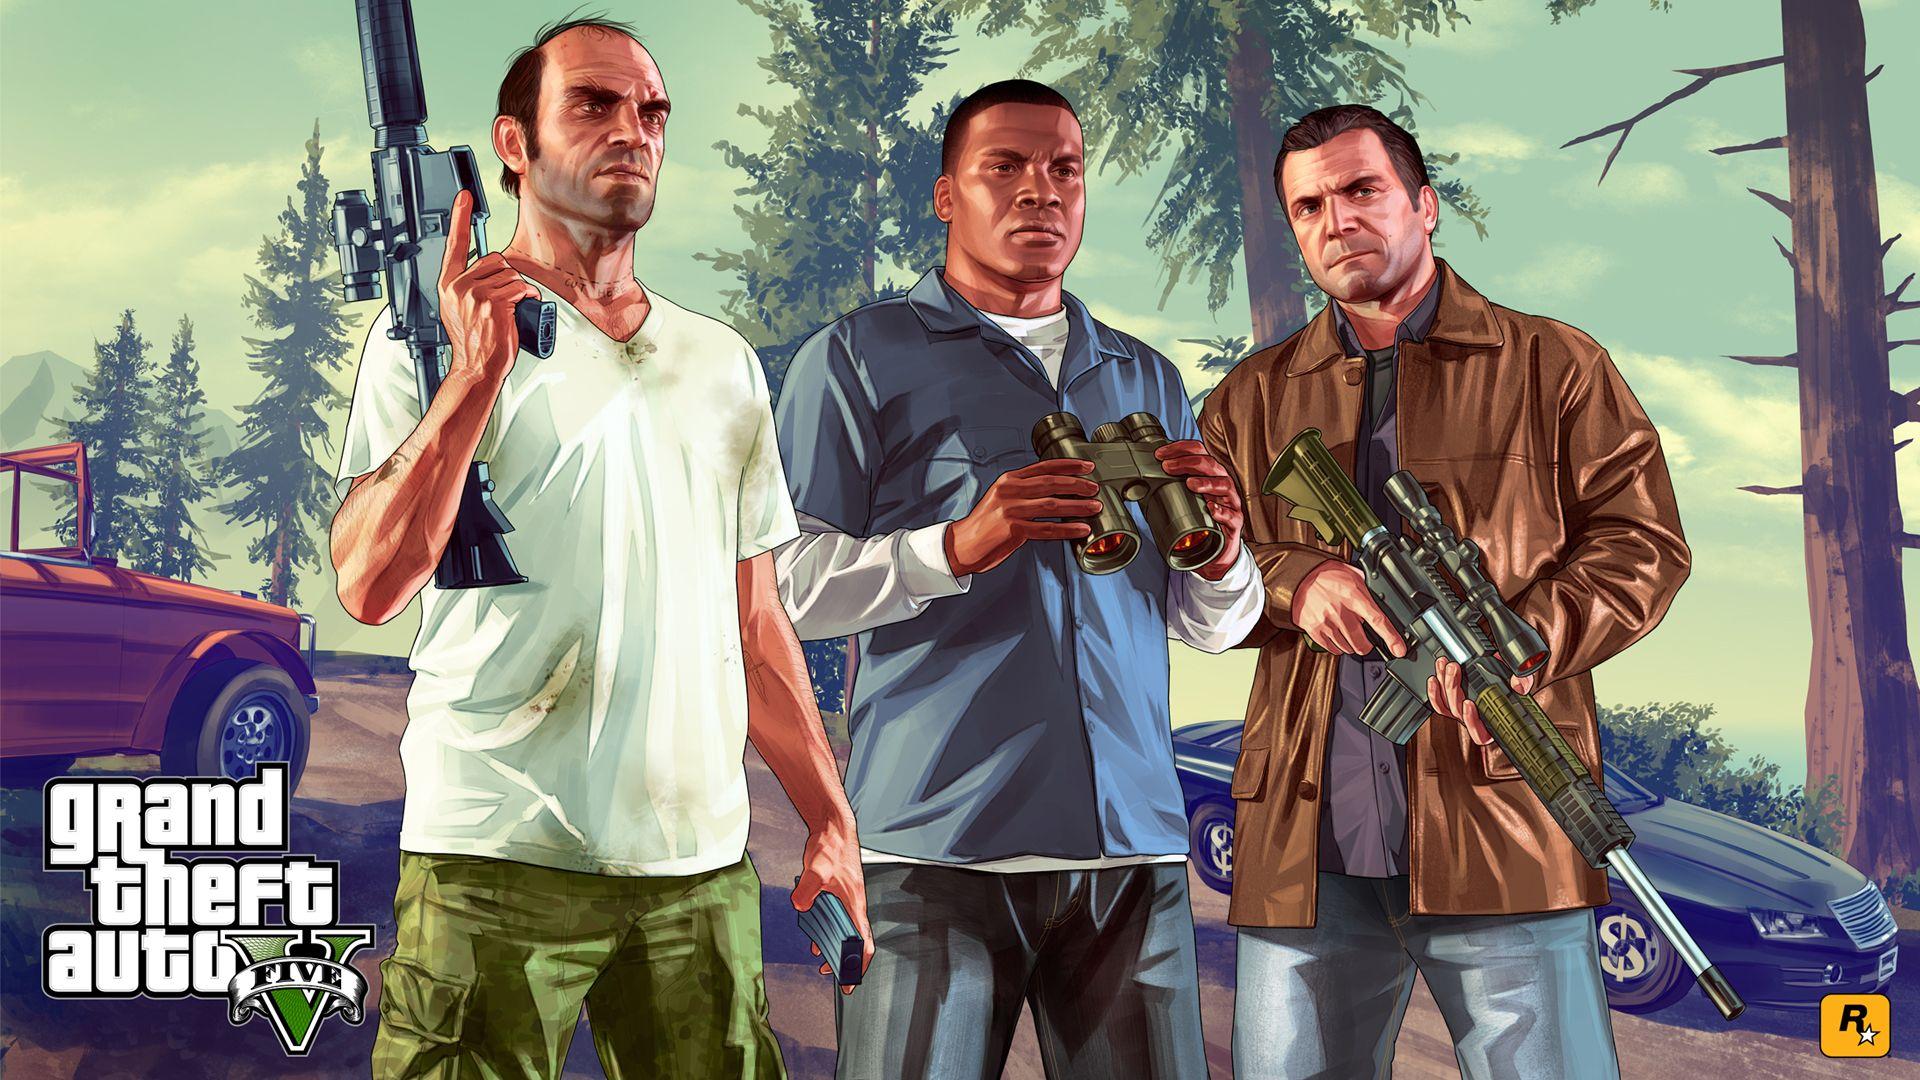 Ilustração de GTA V com os três protagonistas armados. Sua versão online é um dos jogos multiplayer mais lucrativos da história